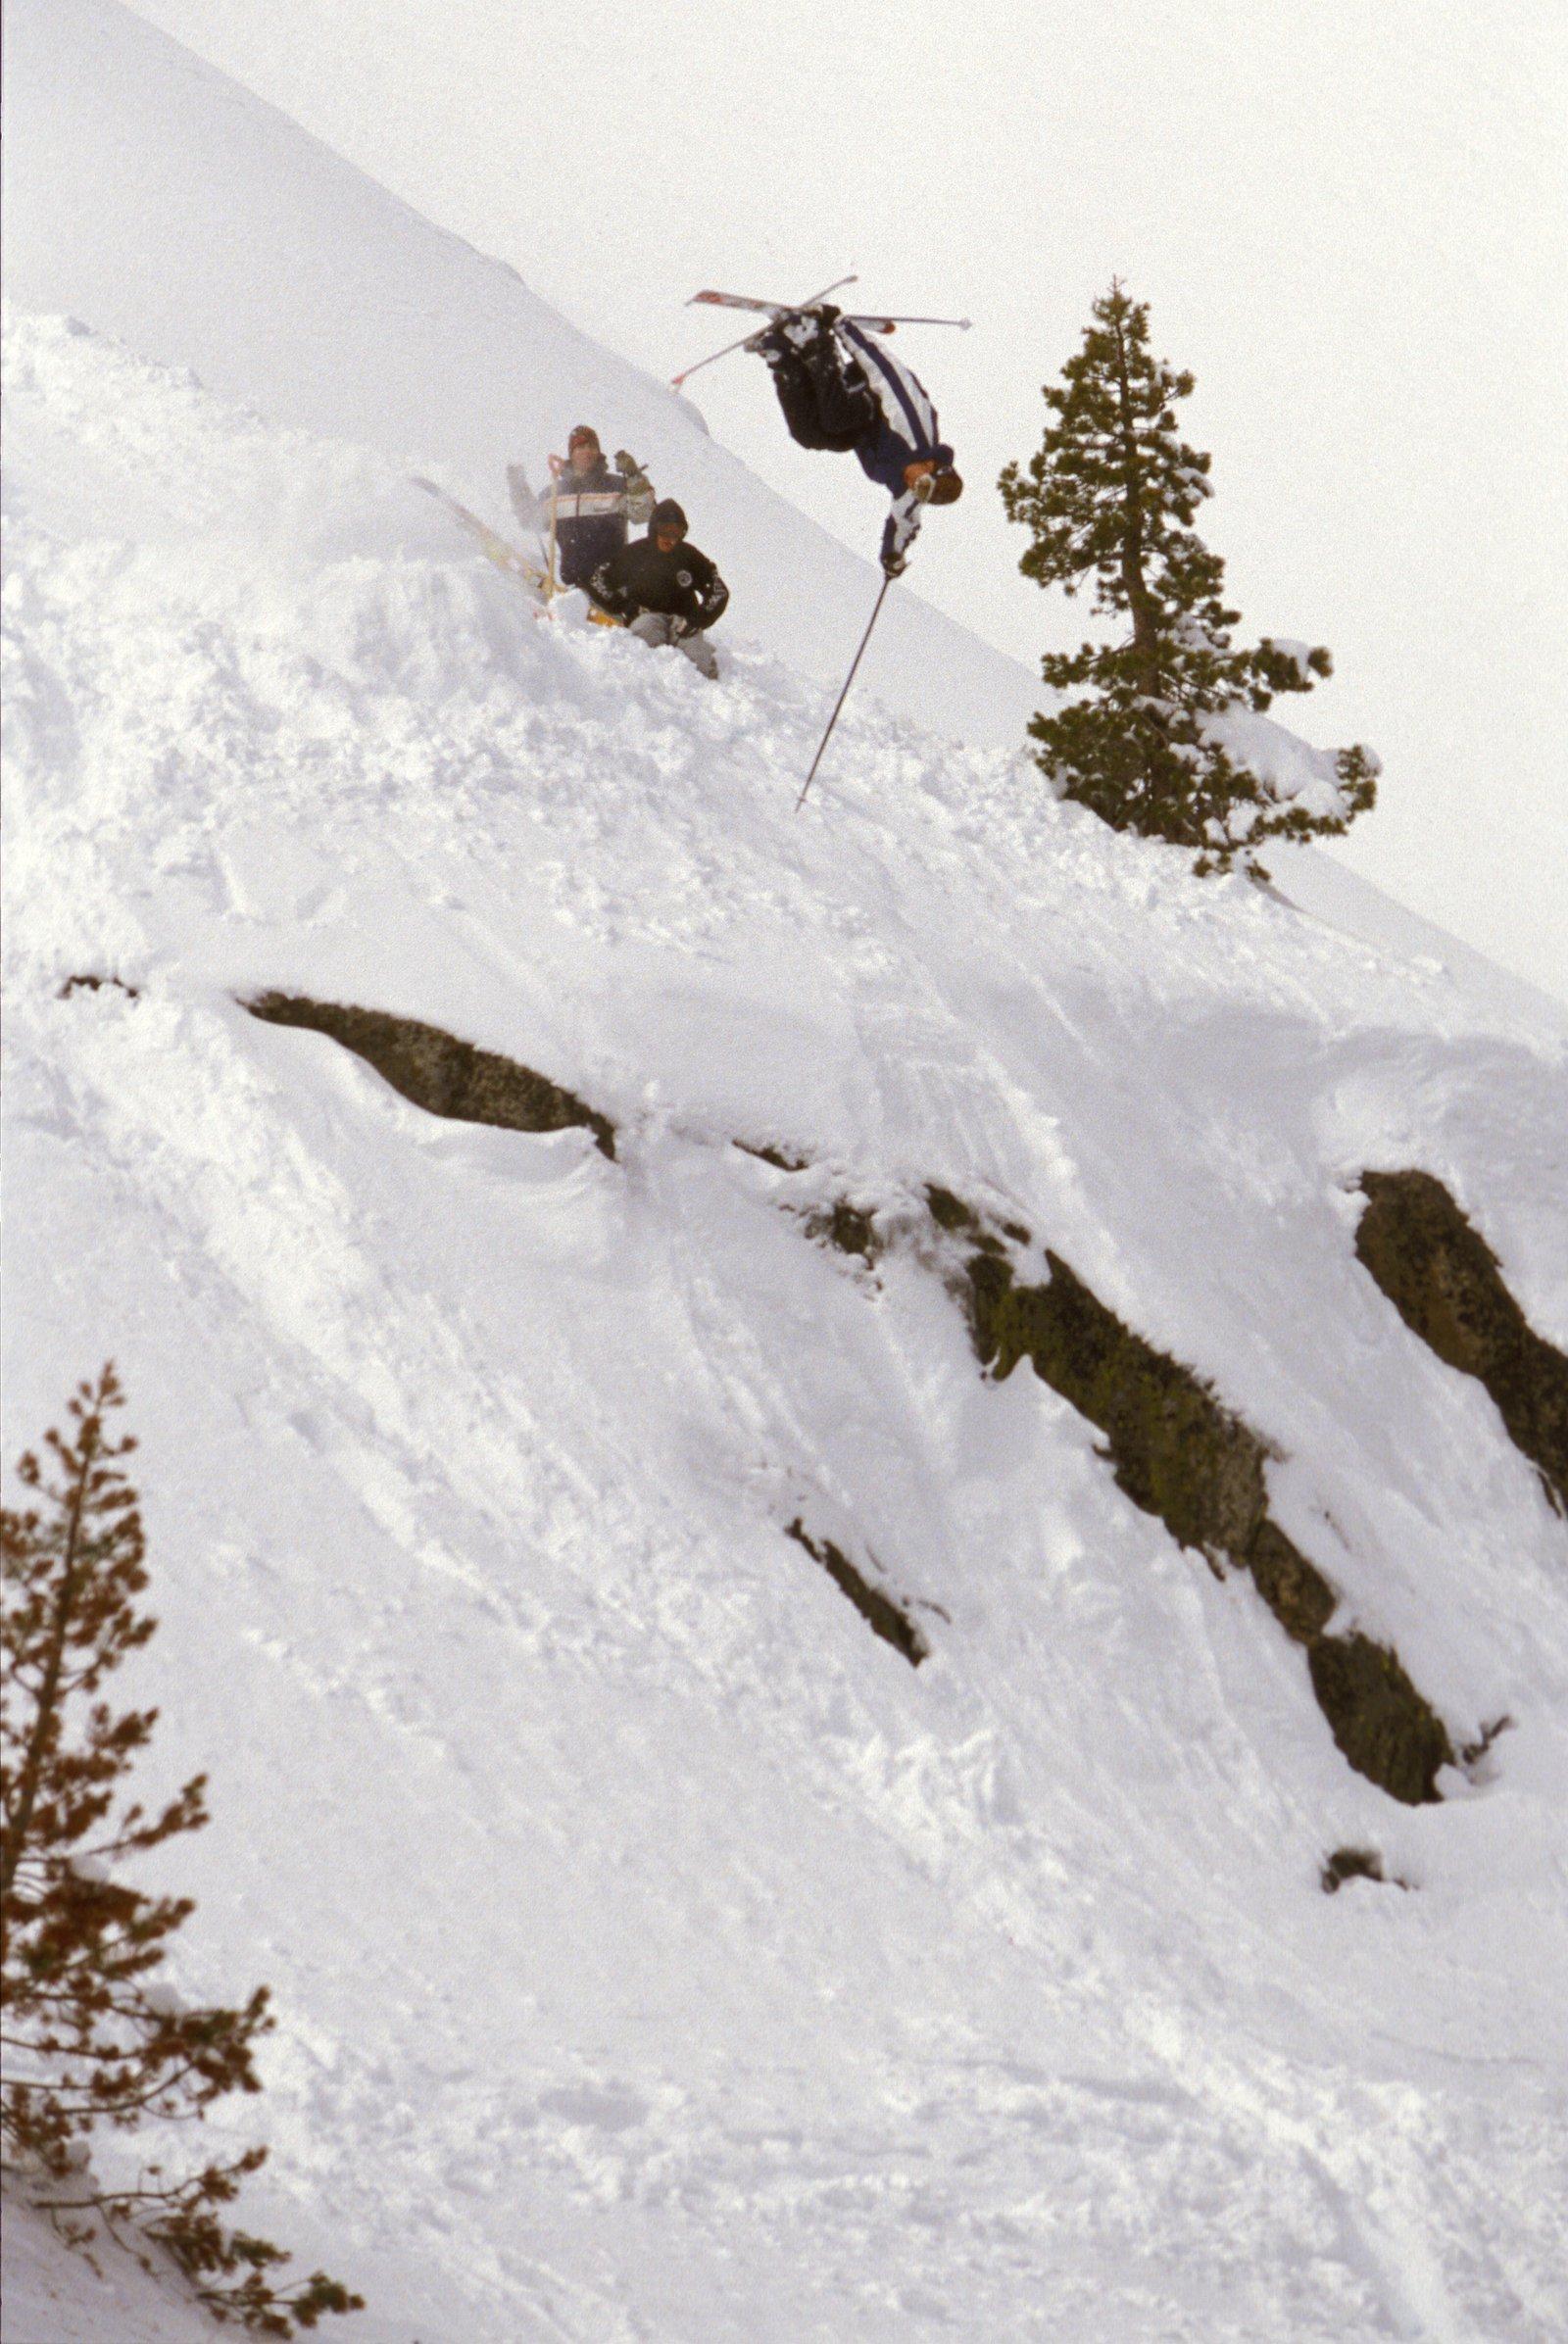 Circa 2001